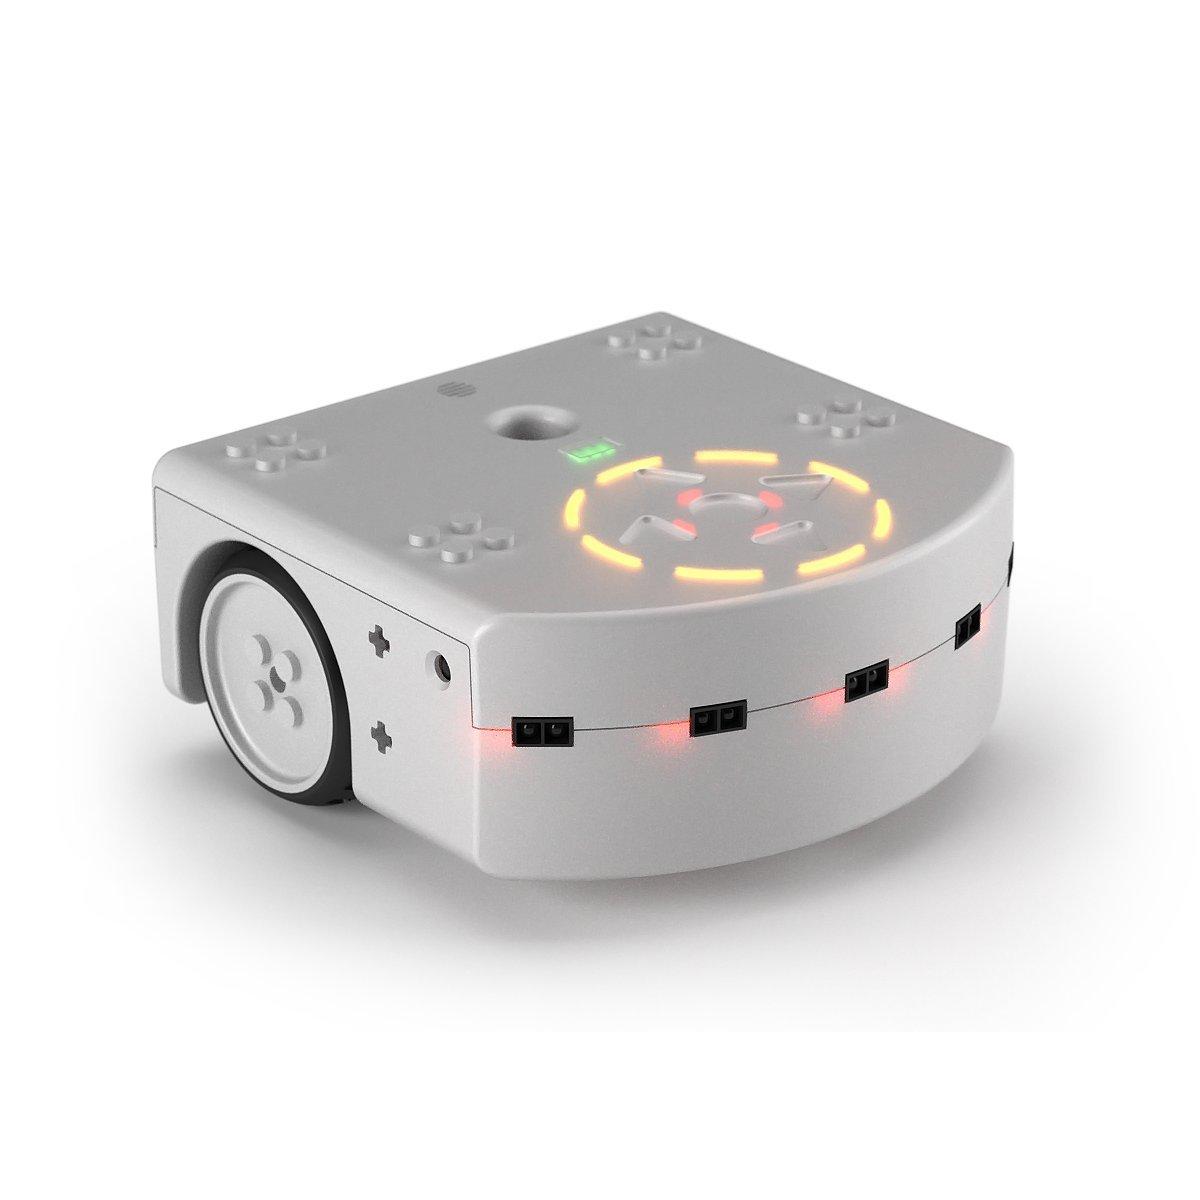 alta calidad y envío rápido Thymio II - - - Educational Open Source robot  Ahorre 60% de descuento y envío rápido a todo el mundo.